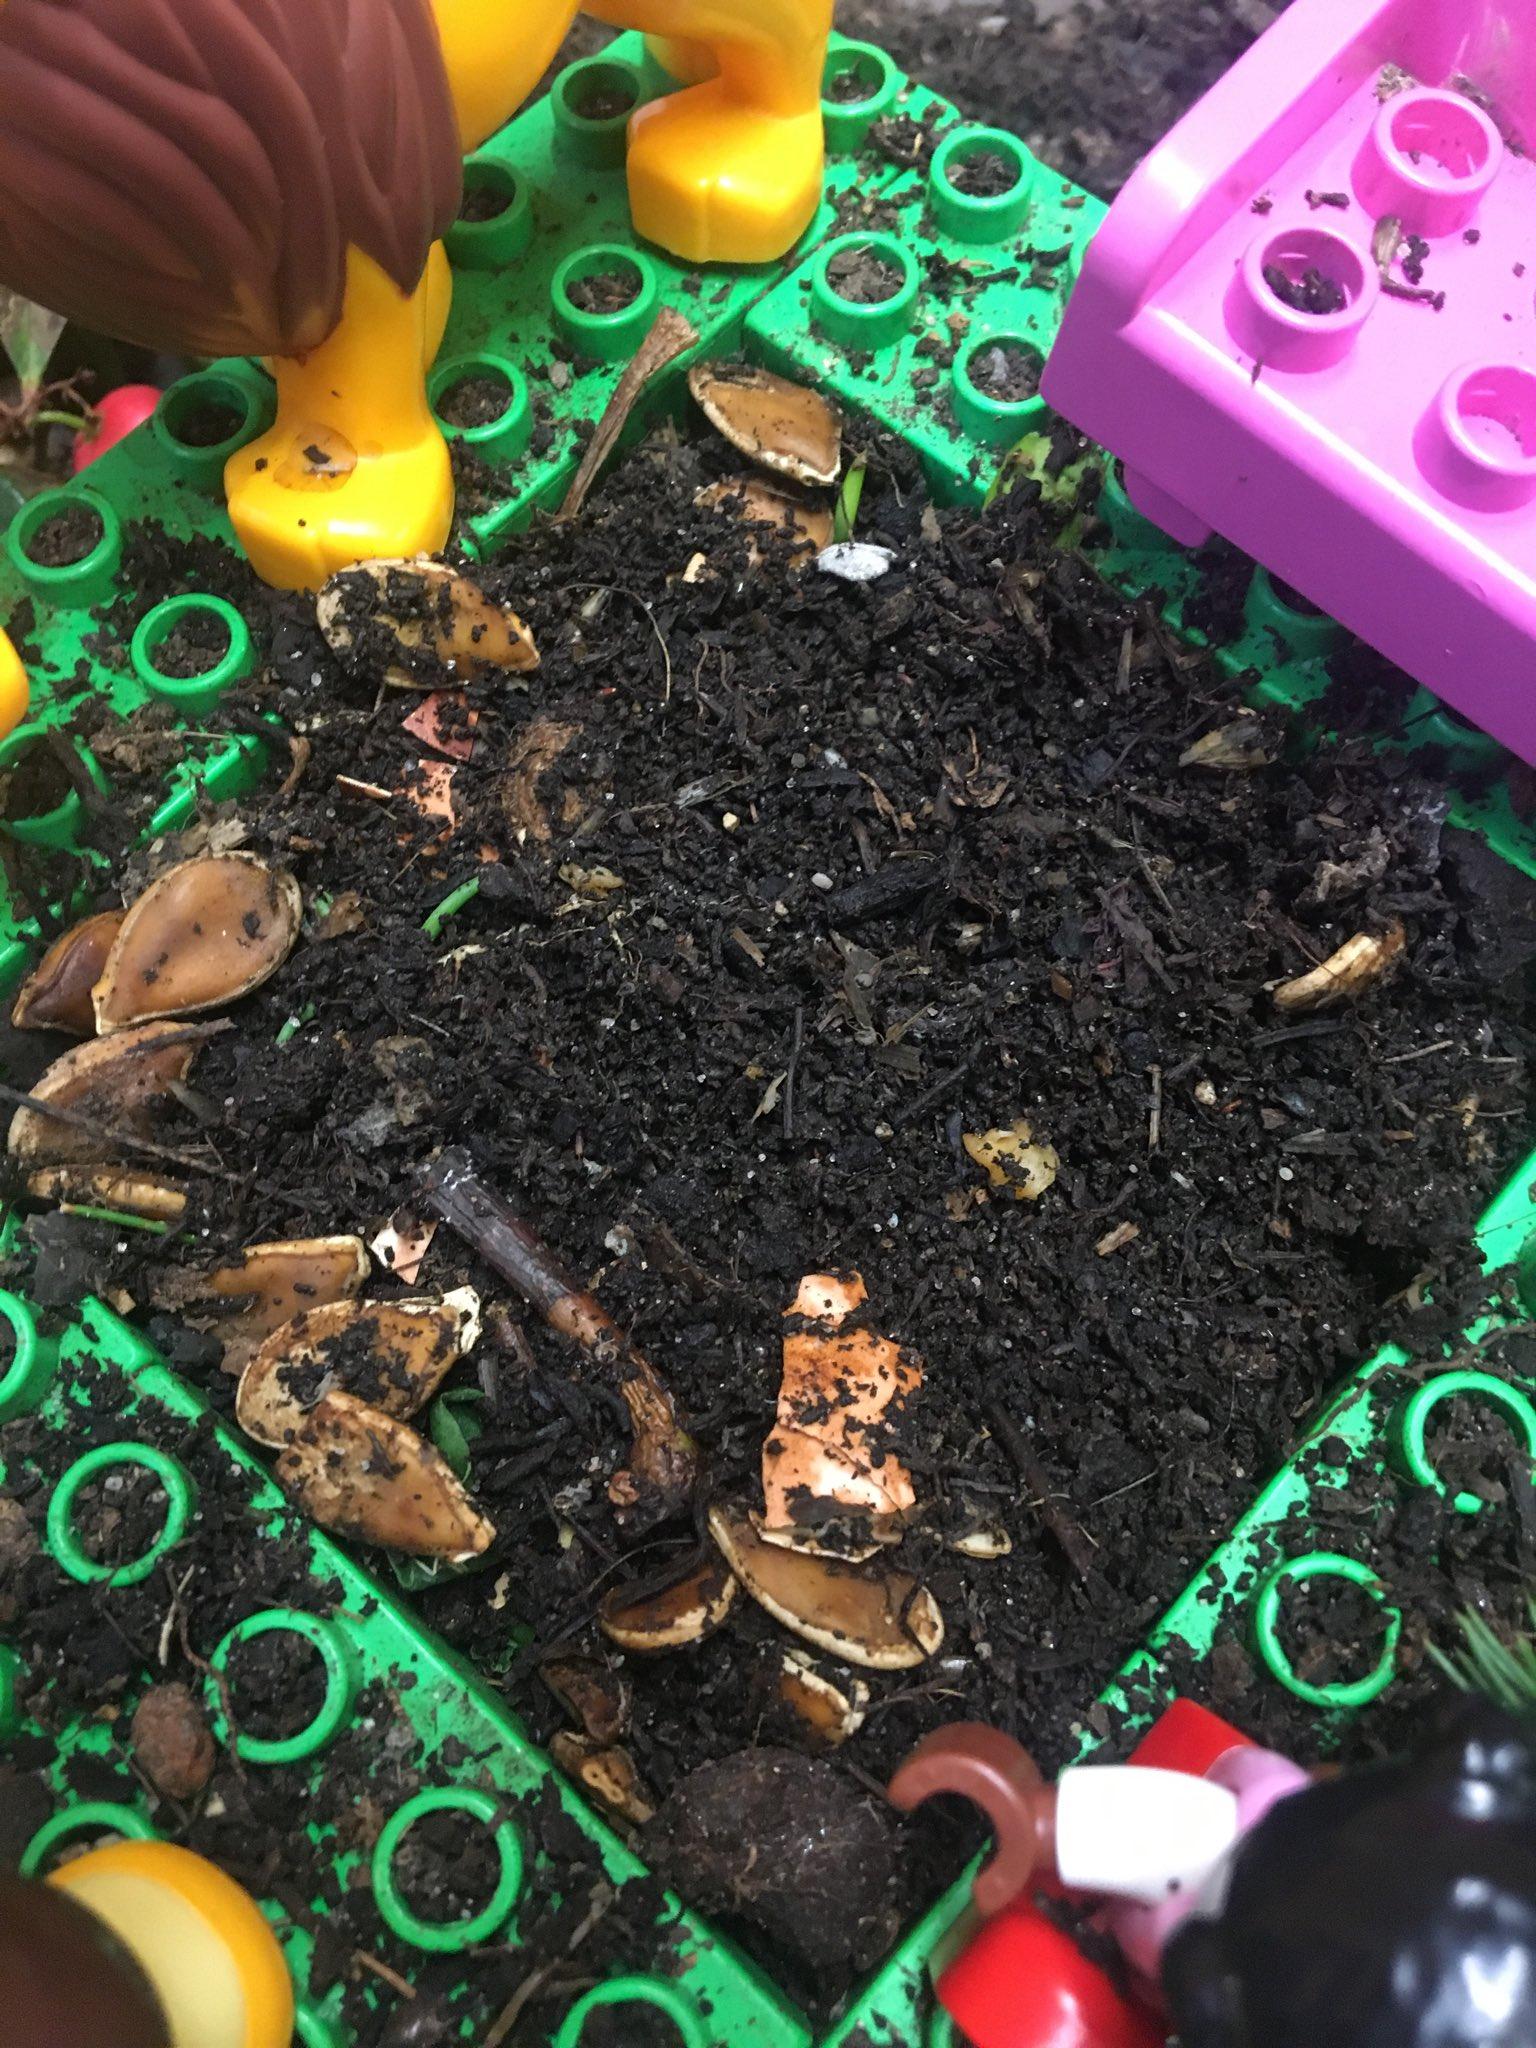 Wurmkompost im Lego-Wurmturm - mit ein paar letzten unverrotteten Kürbiskernen